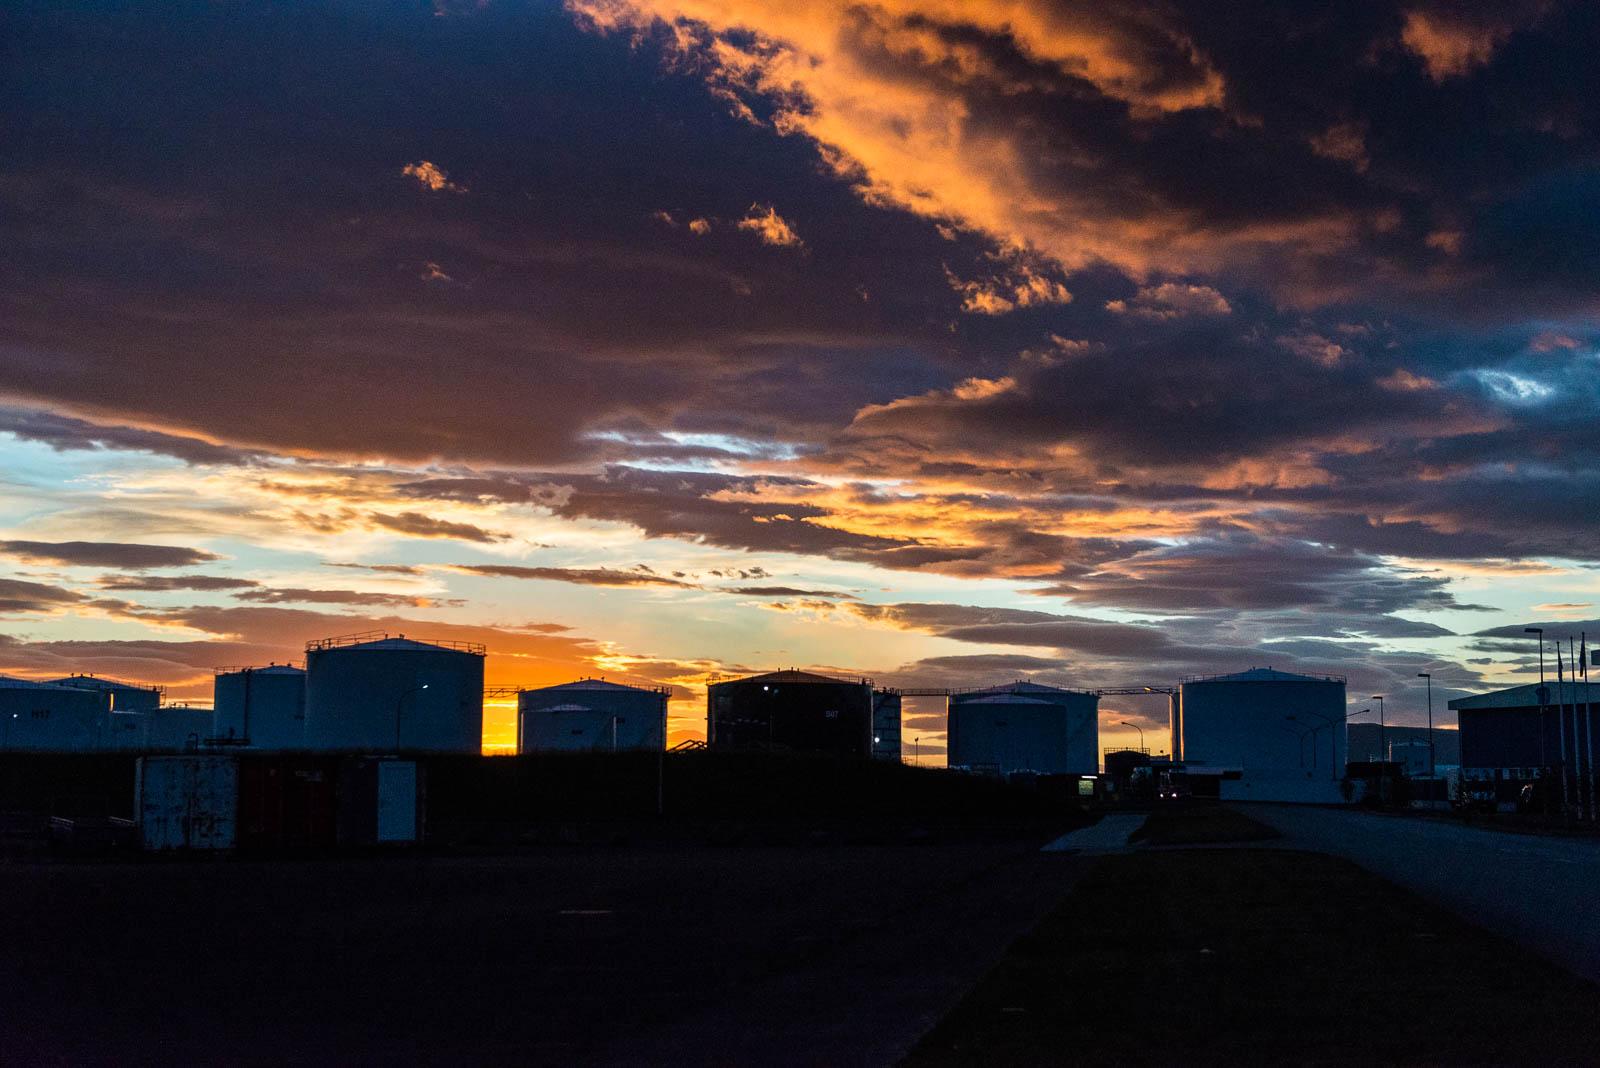 iceland-reykjavik-11